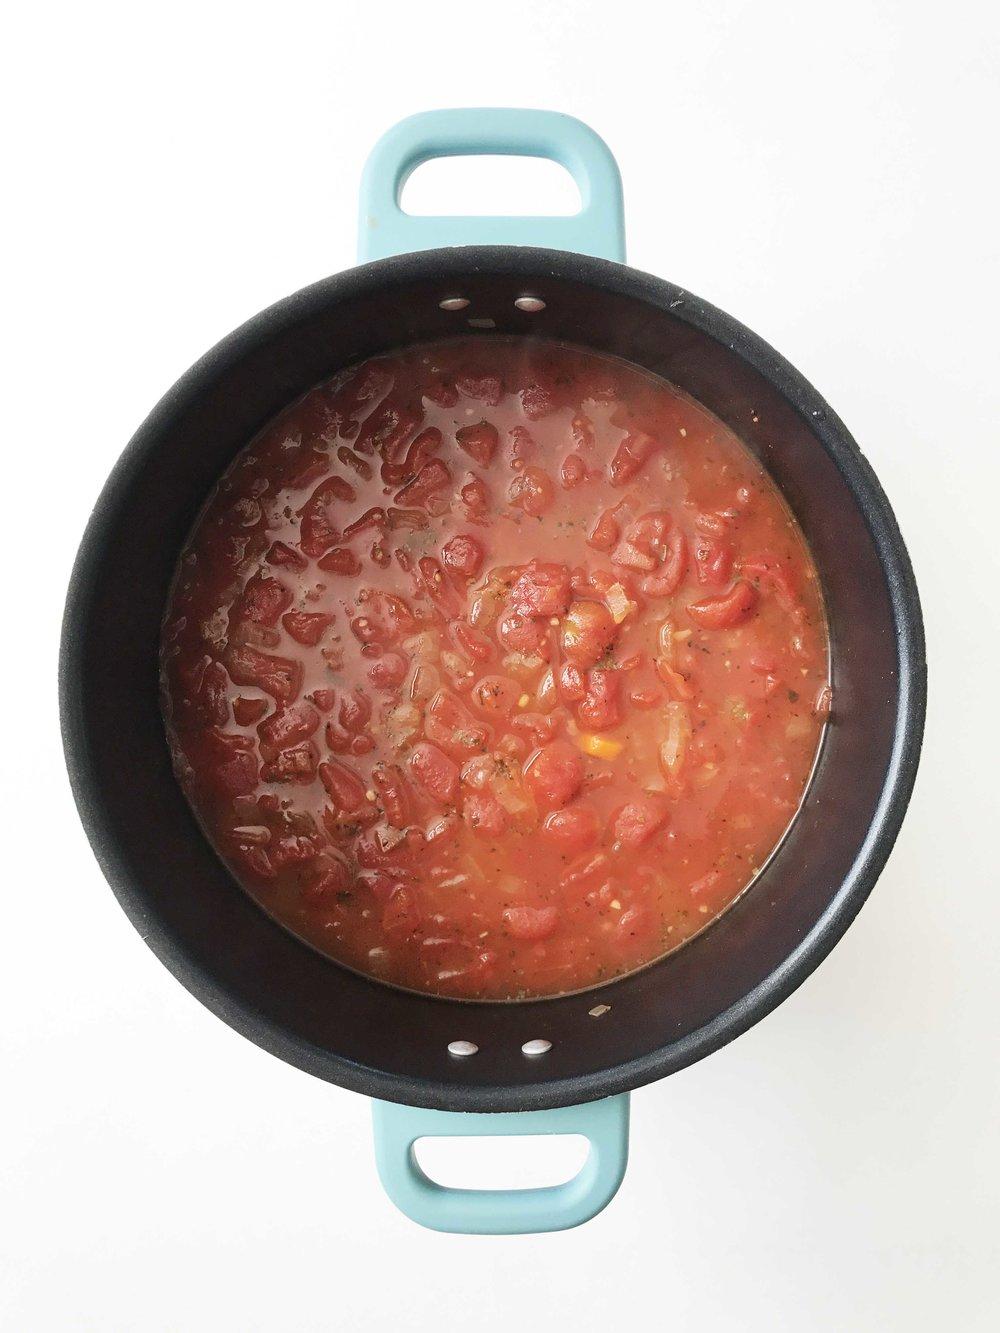 tomato-soup3.jpg